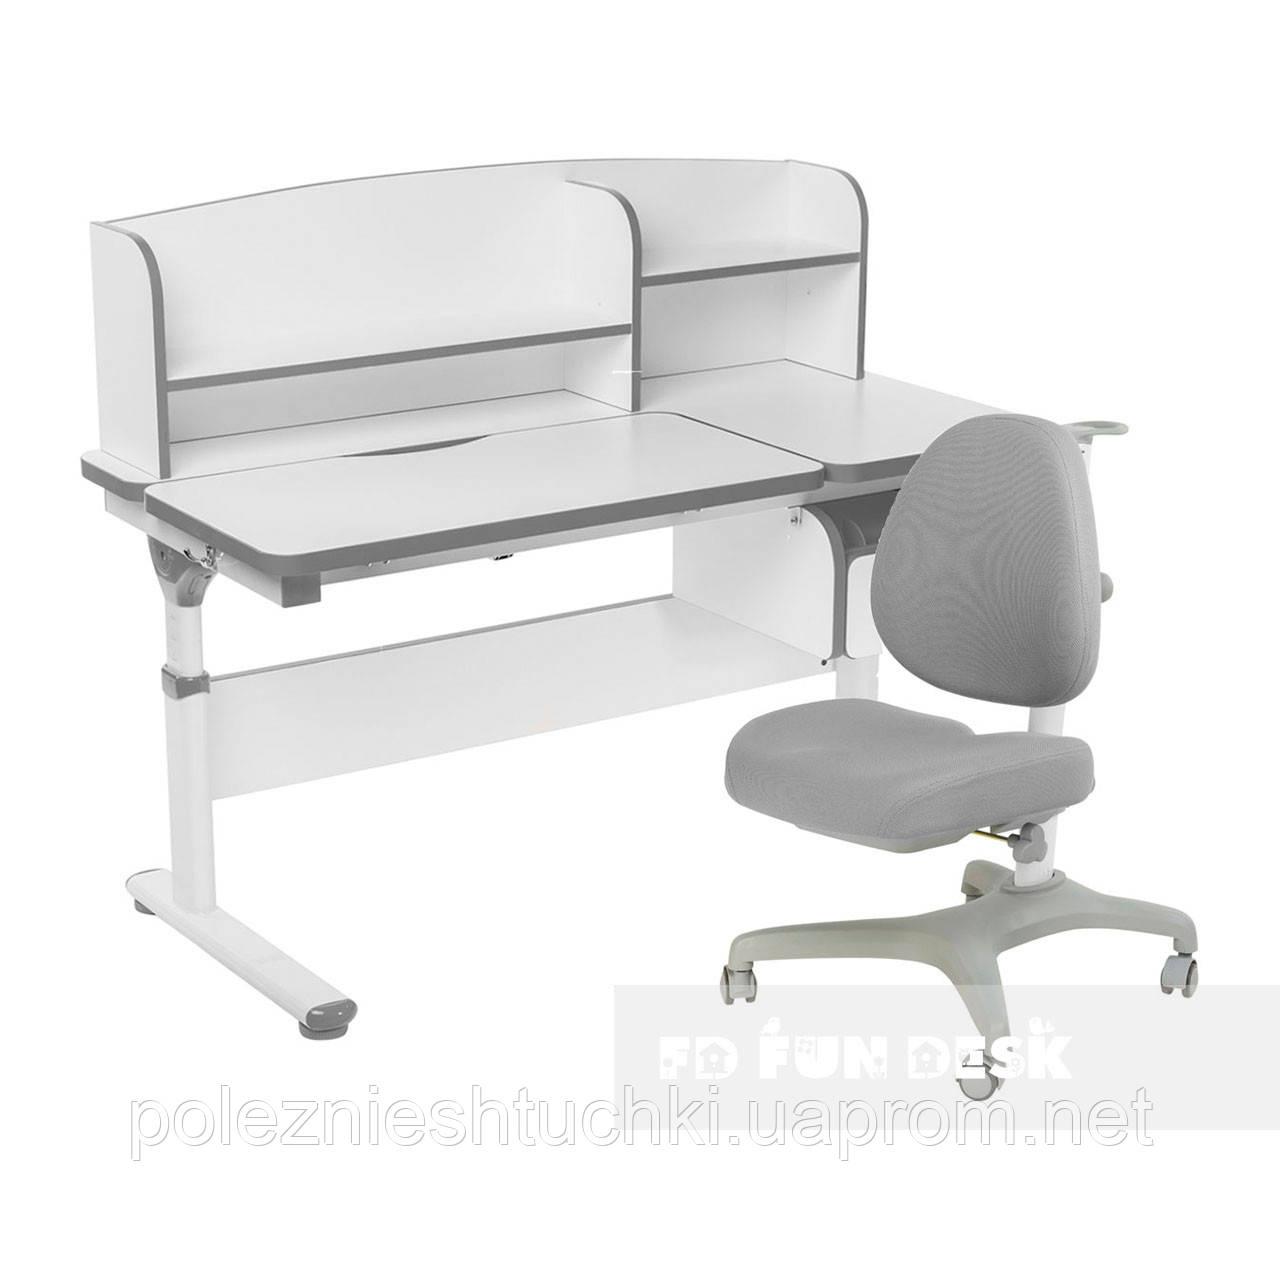 Комплект парта с надстройкой Creare Grey и ящиком + подростковое кресло Bello I Grey FunDesk